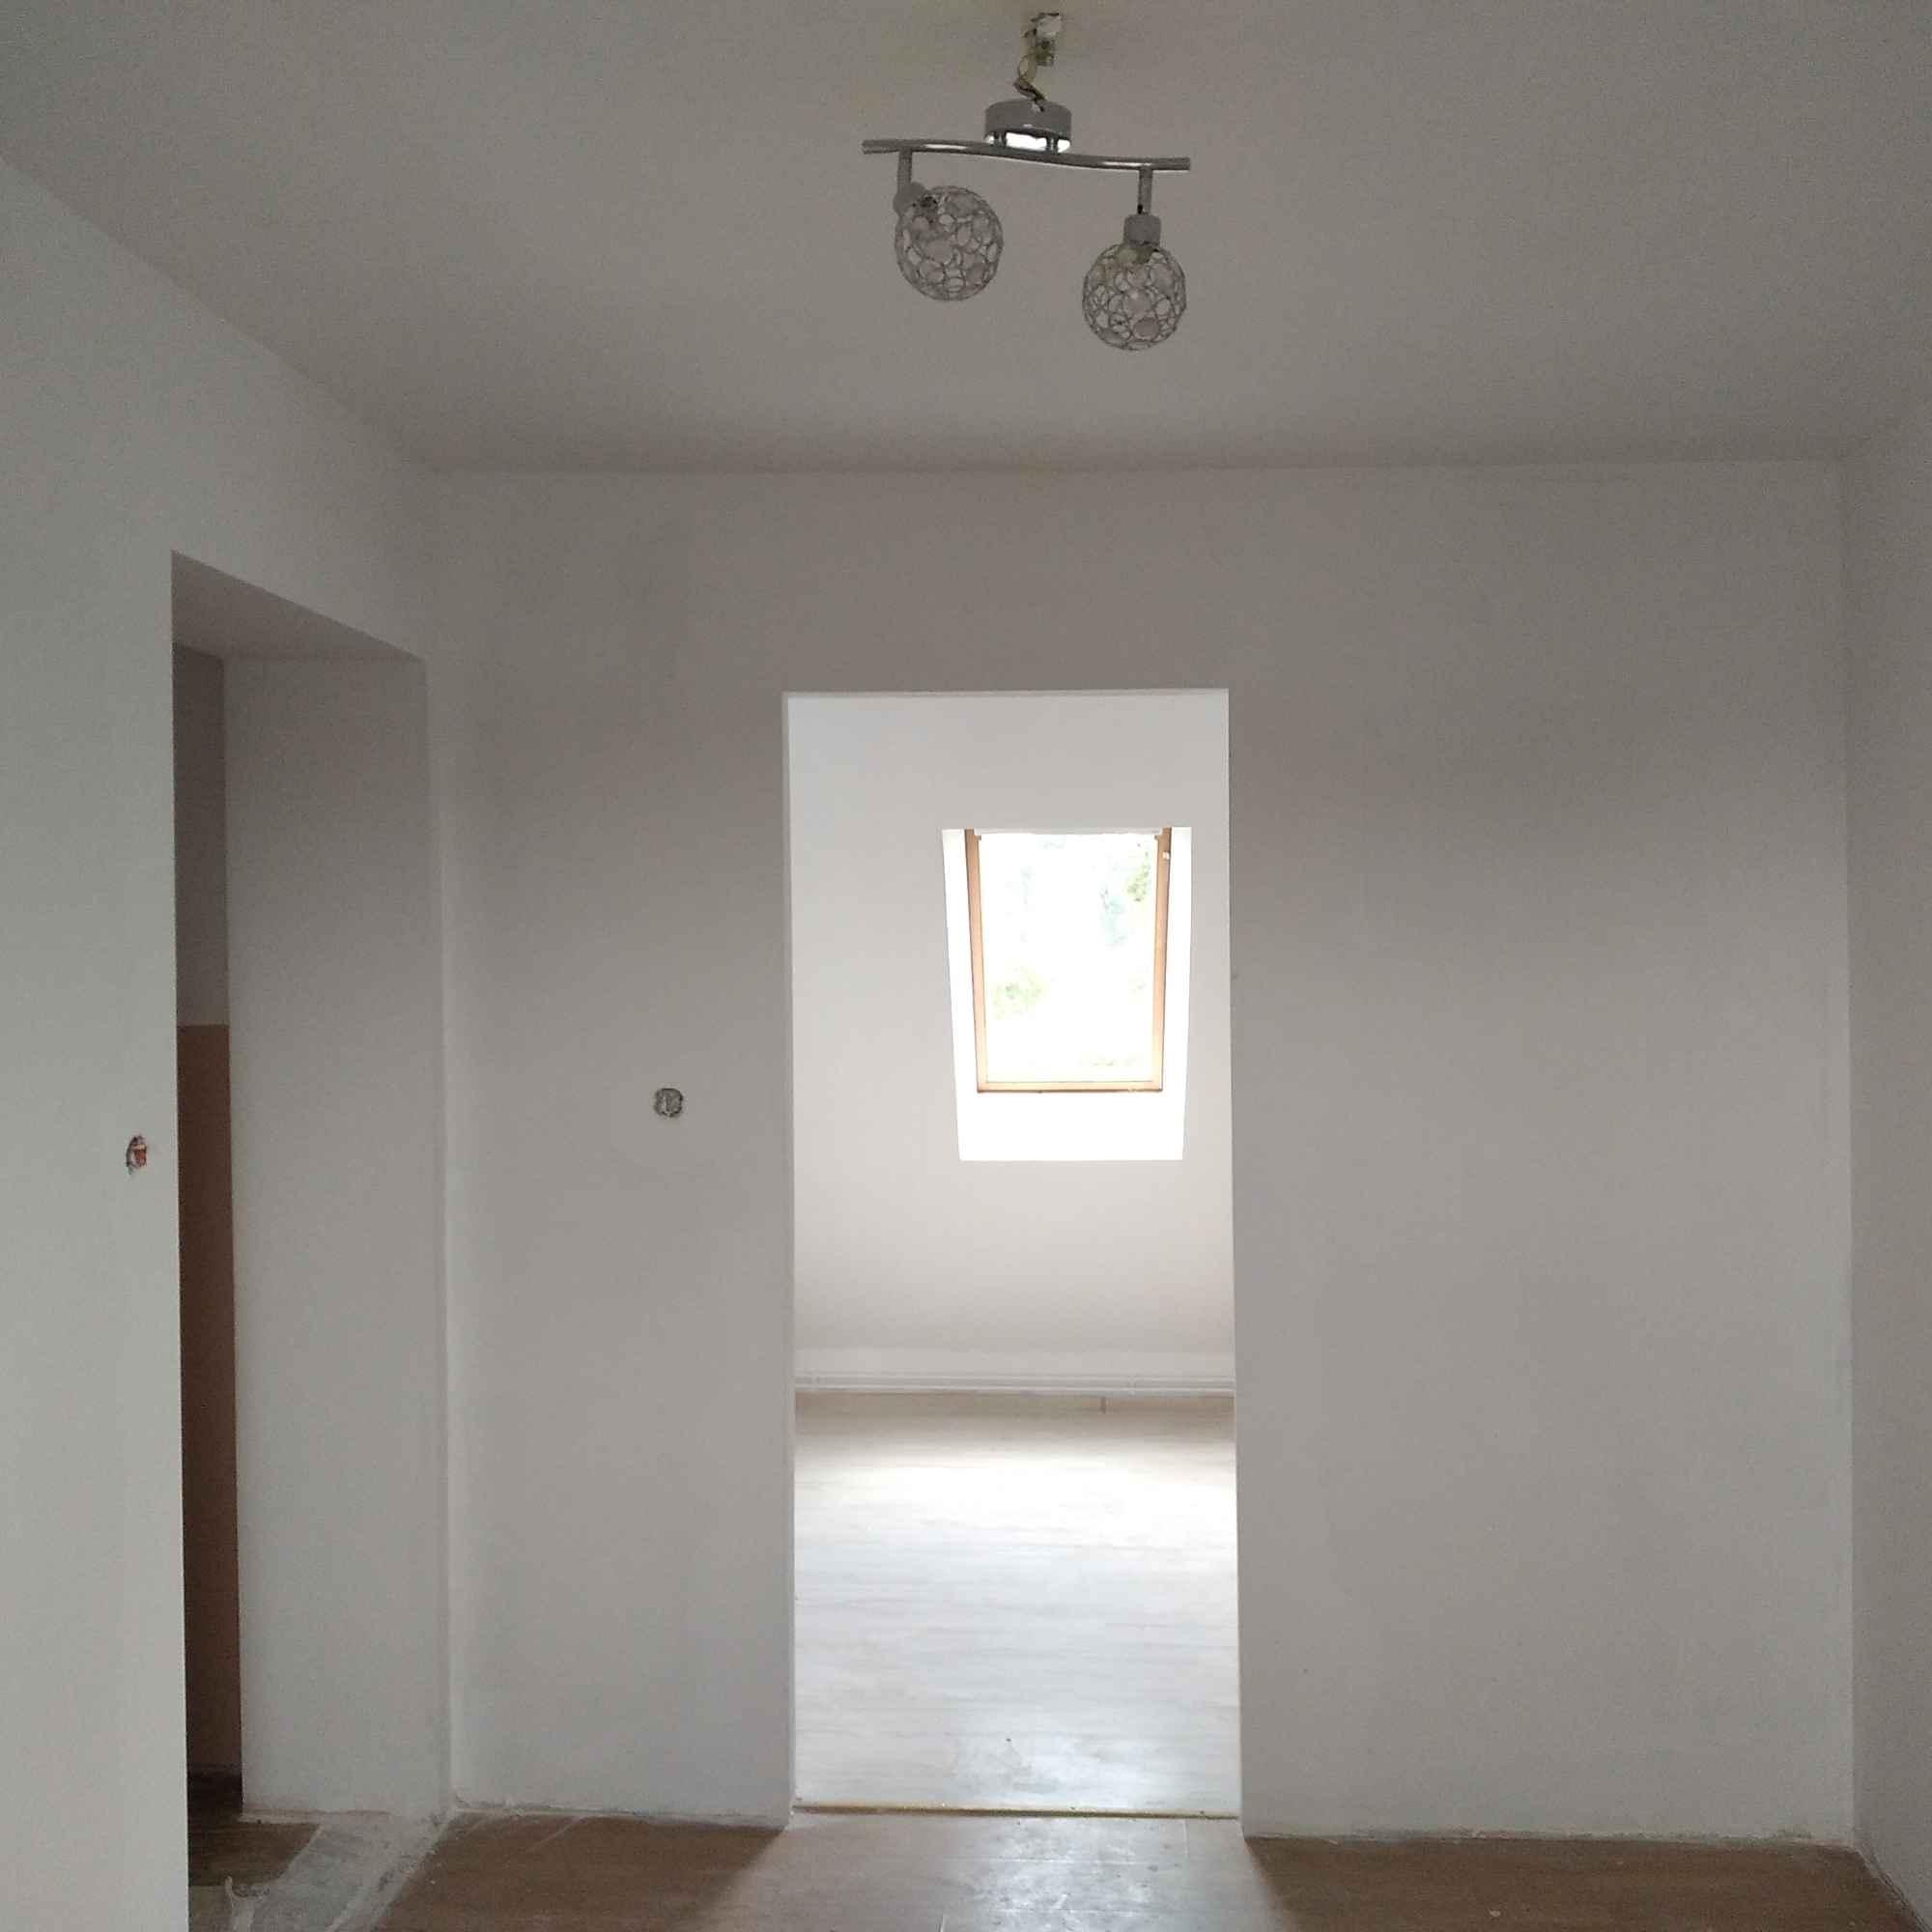 Bezczynszowe mieszkanie tanio 65900 Chociwel - zdjęcie 2